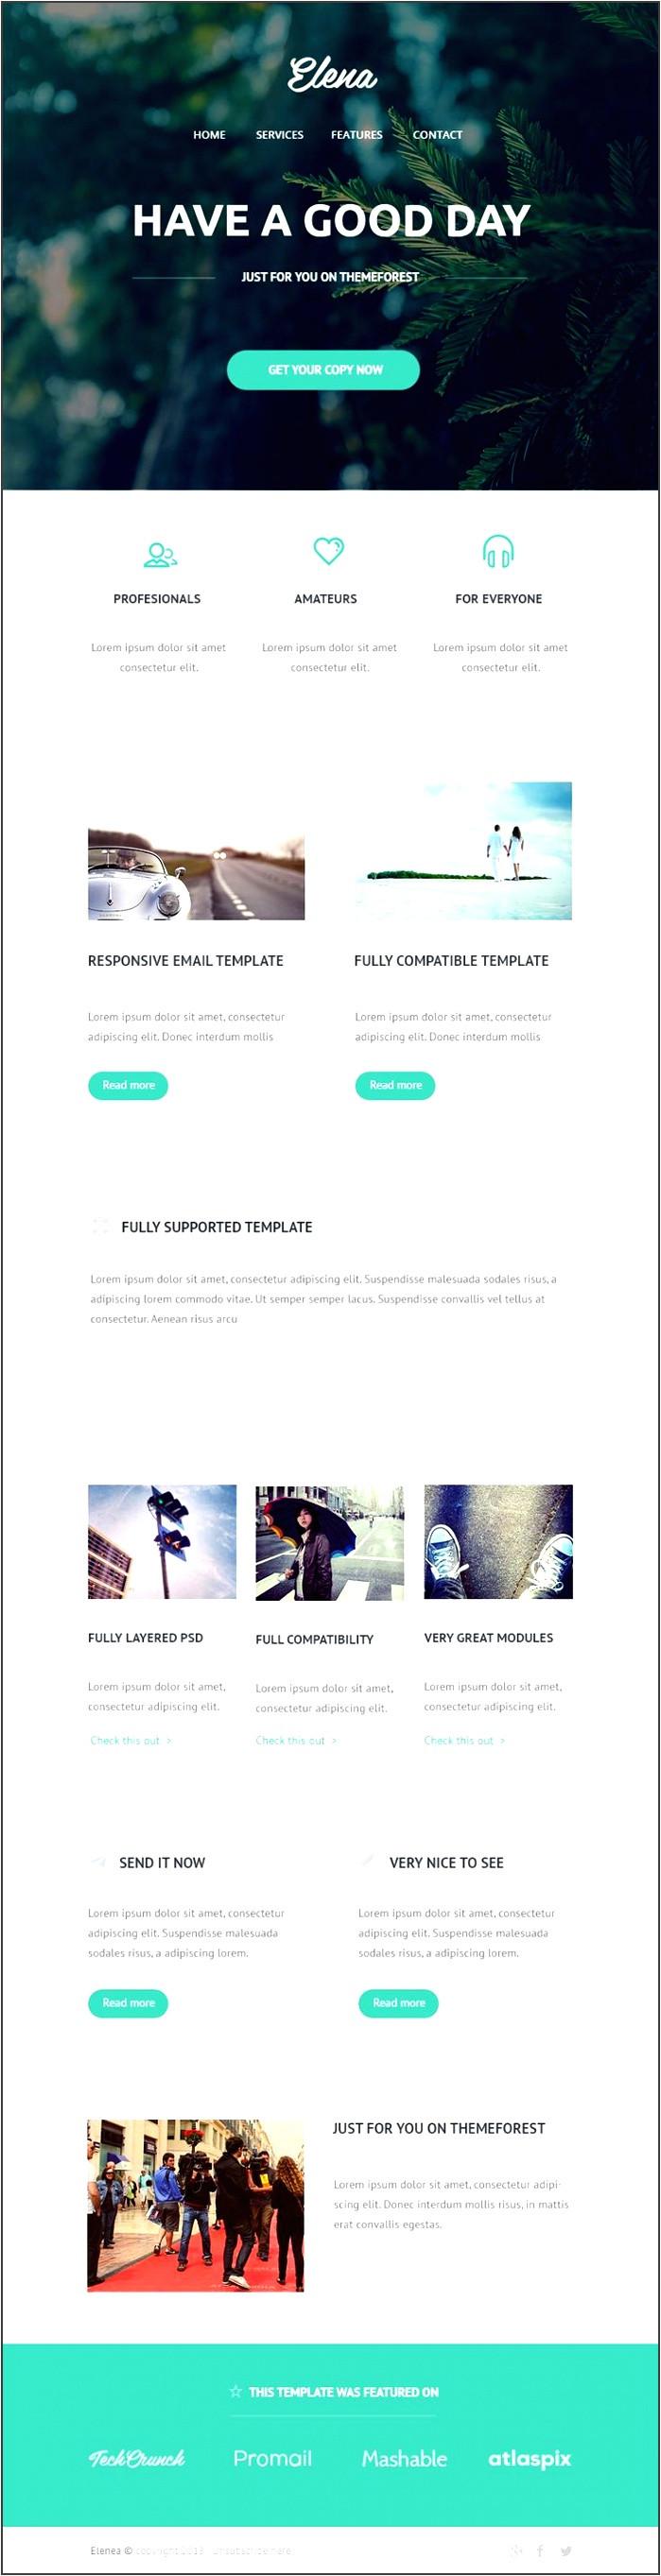 make outlook newsletter for free haxkt